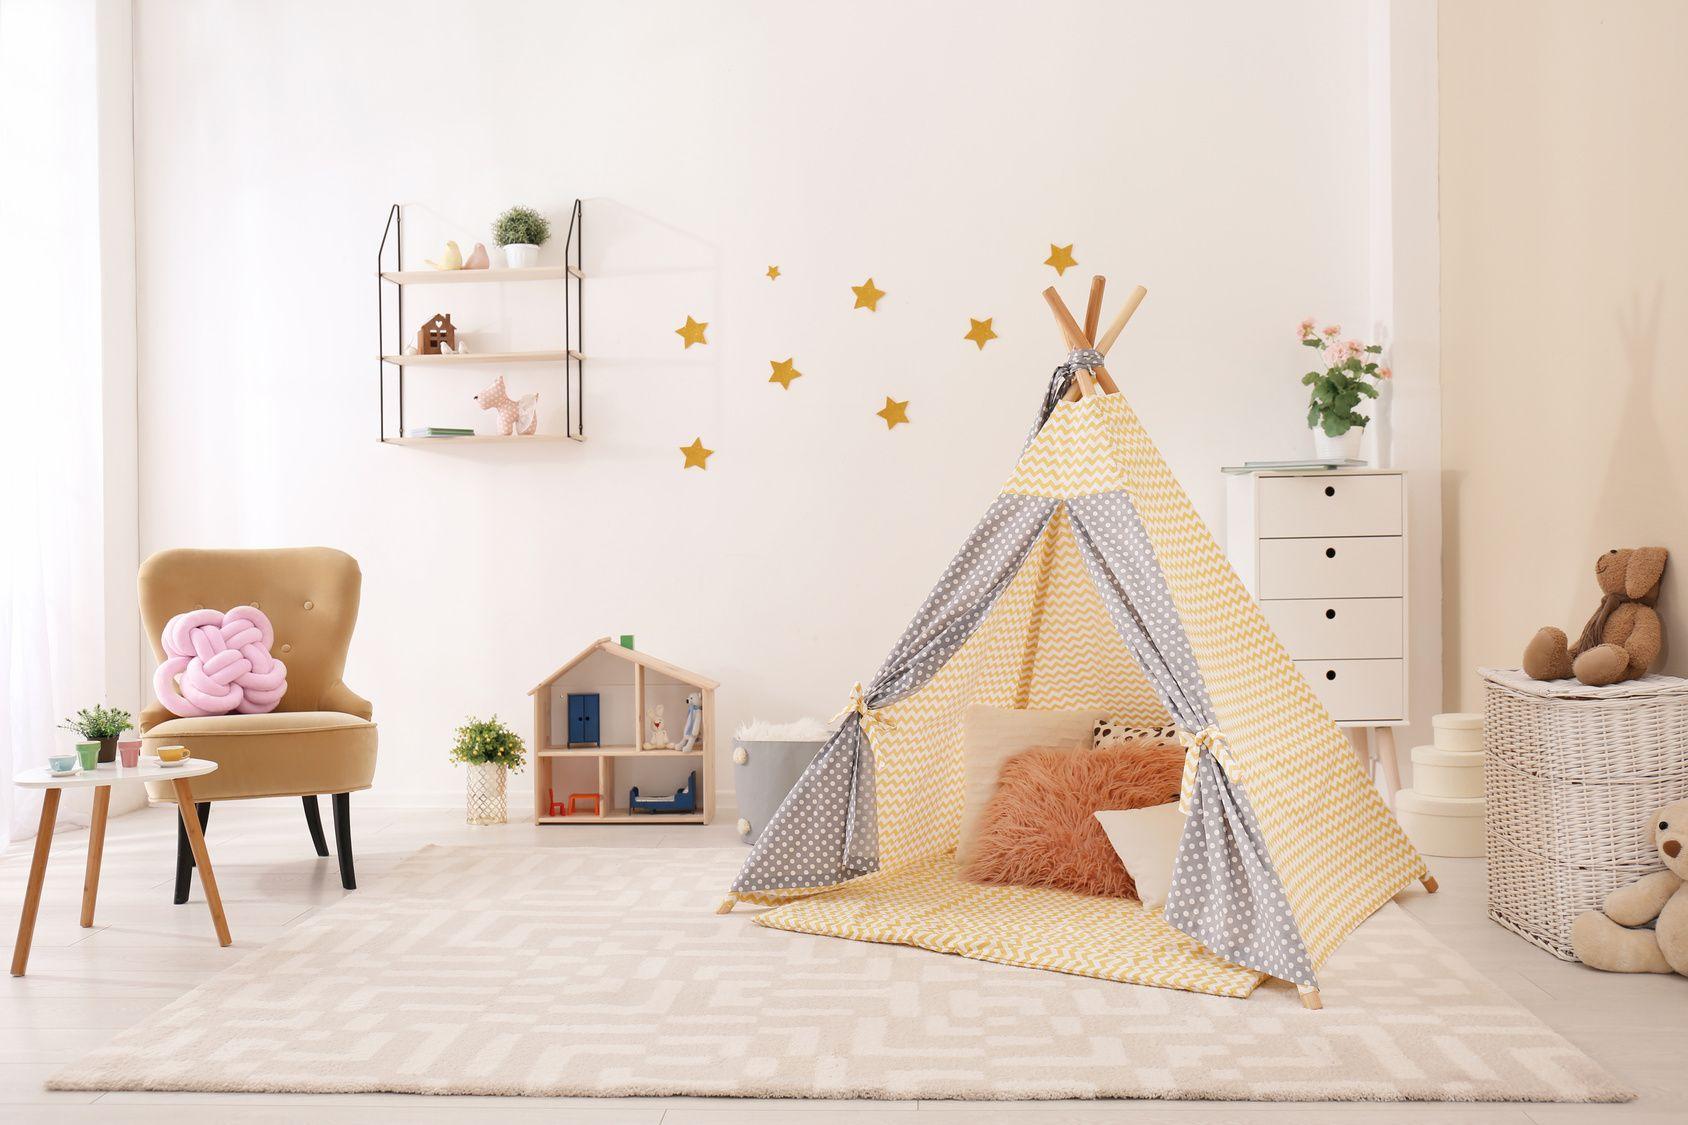 Fußboden Im Kinderzimmer ~ Wie sie schadstoffe im kinderzimmer vermeiden verbraucherzentrale